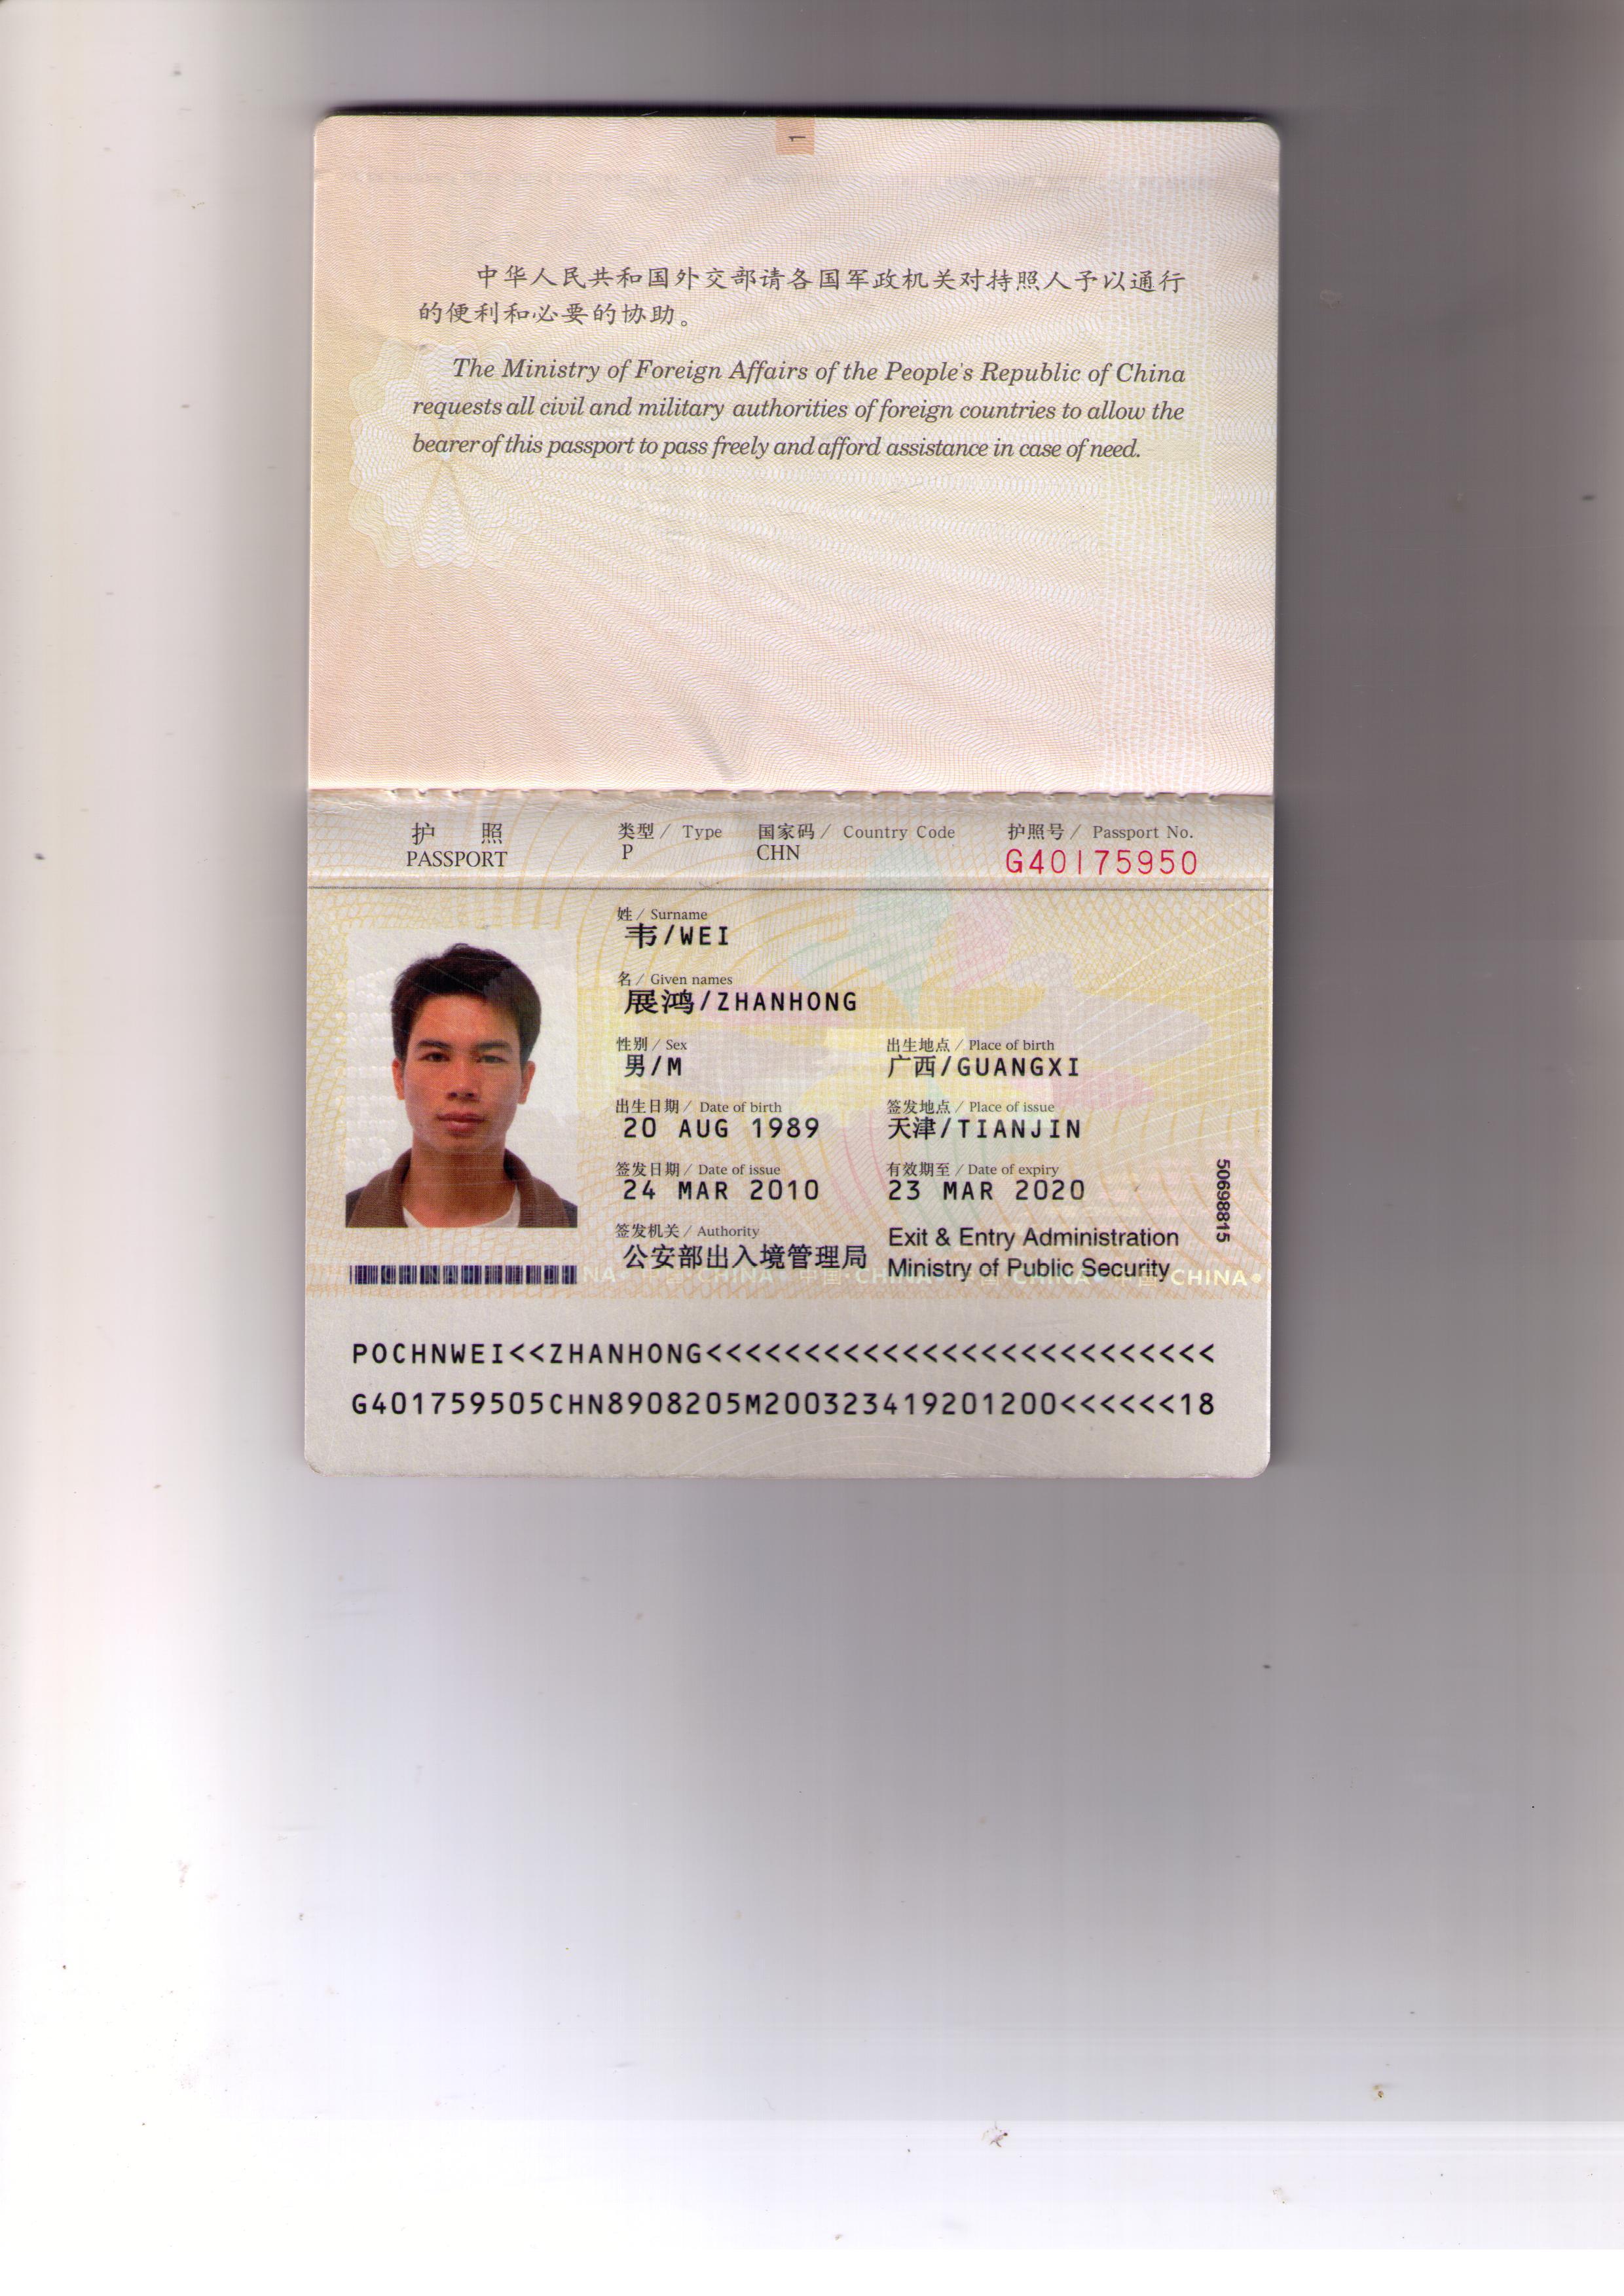 中国新版护照内容_中国新版护照样本_中国最新版护照样本_中国新版护照_中国护照 ...